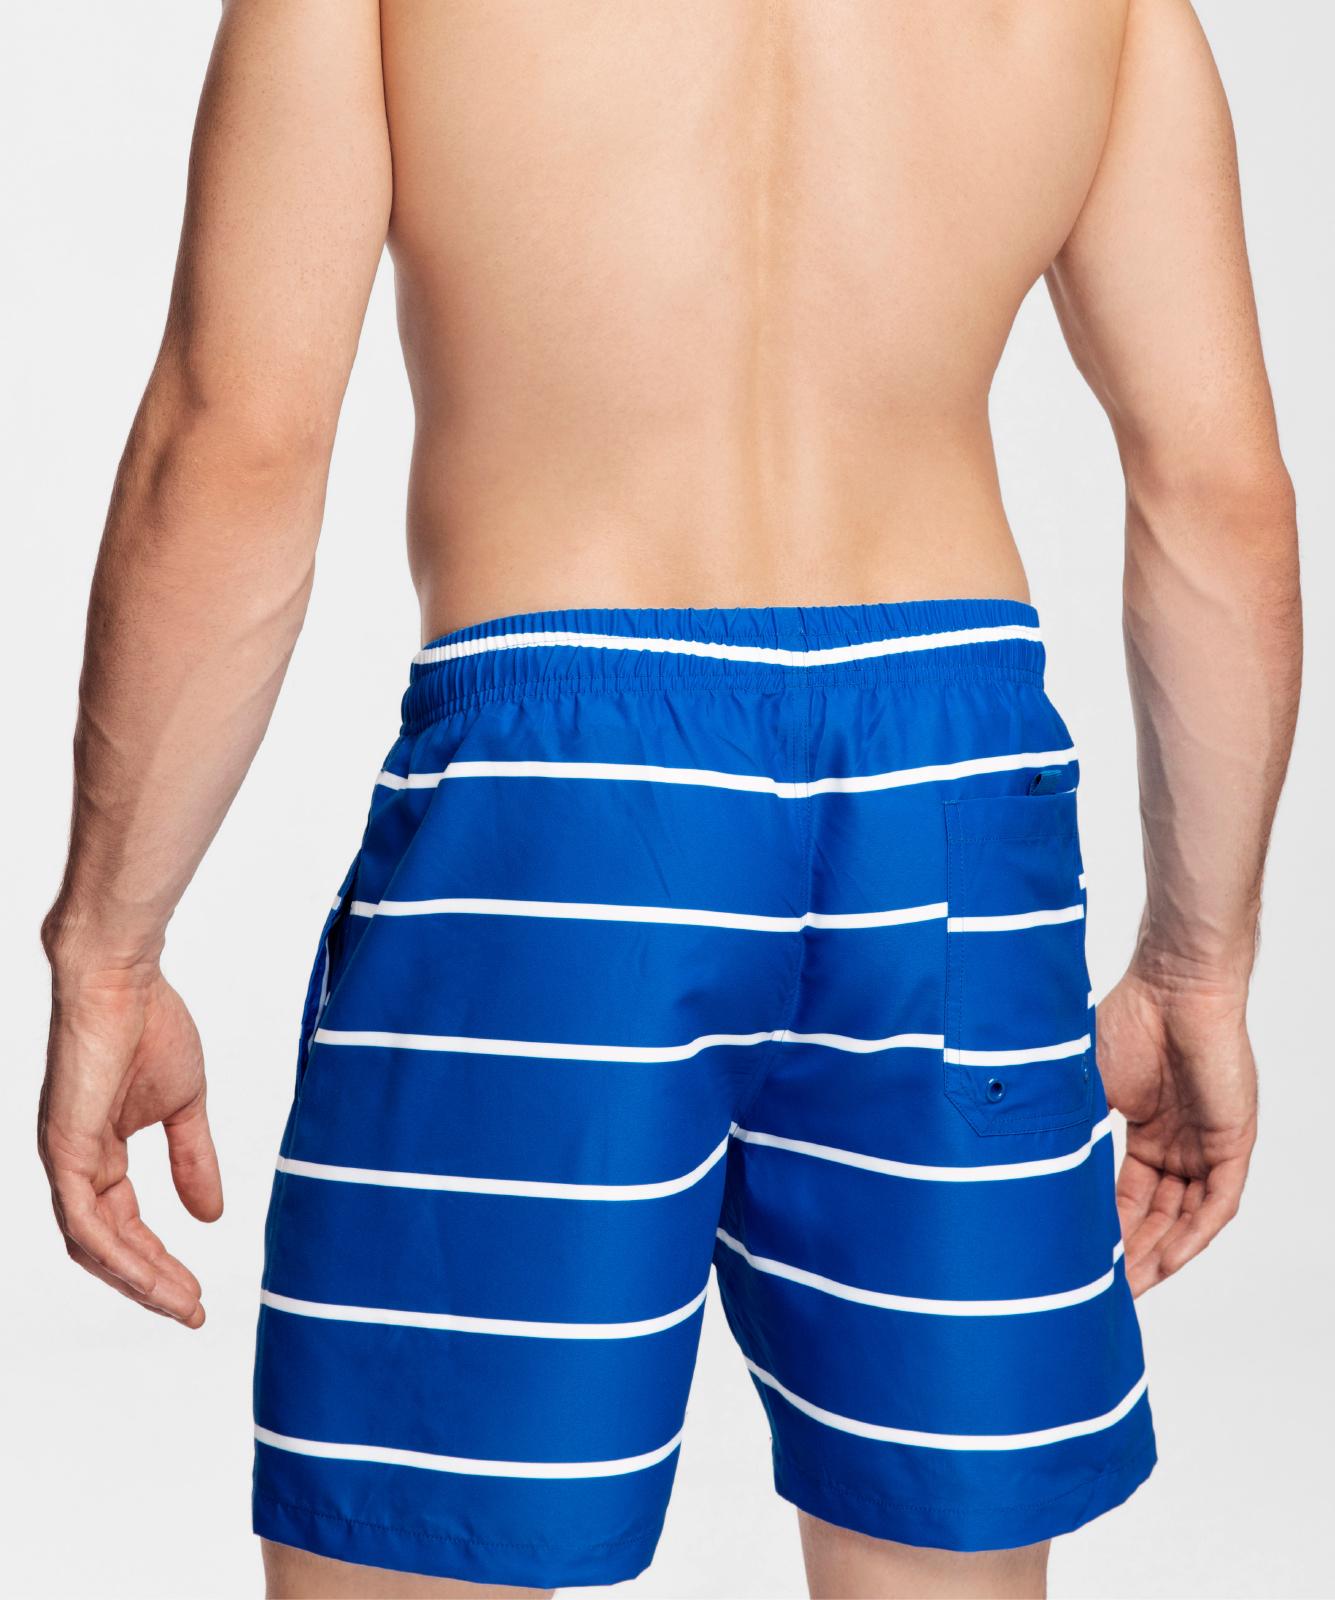 Пляжные шорты мужские Atlantic, 1 шт. в уп., полиэстер, голубые, KMB-191